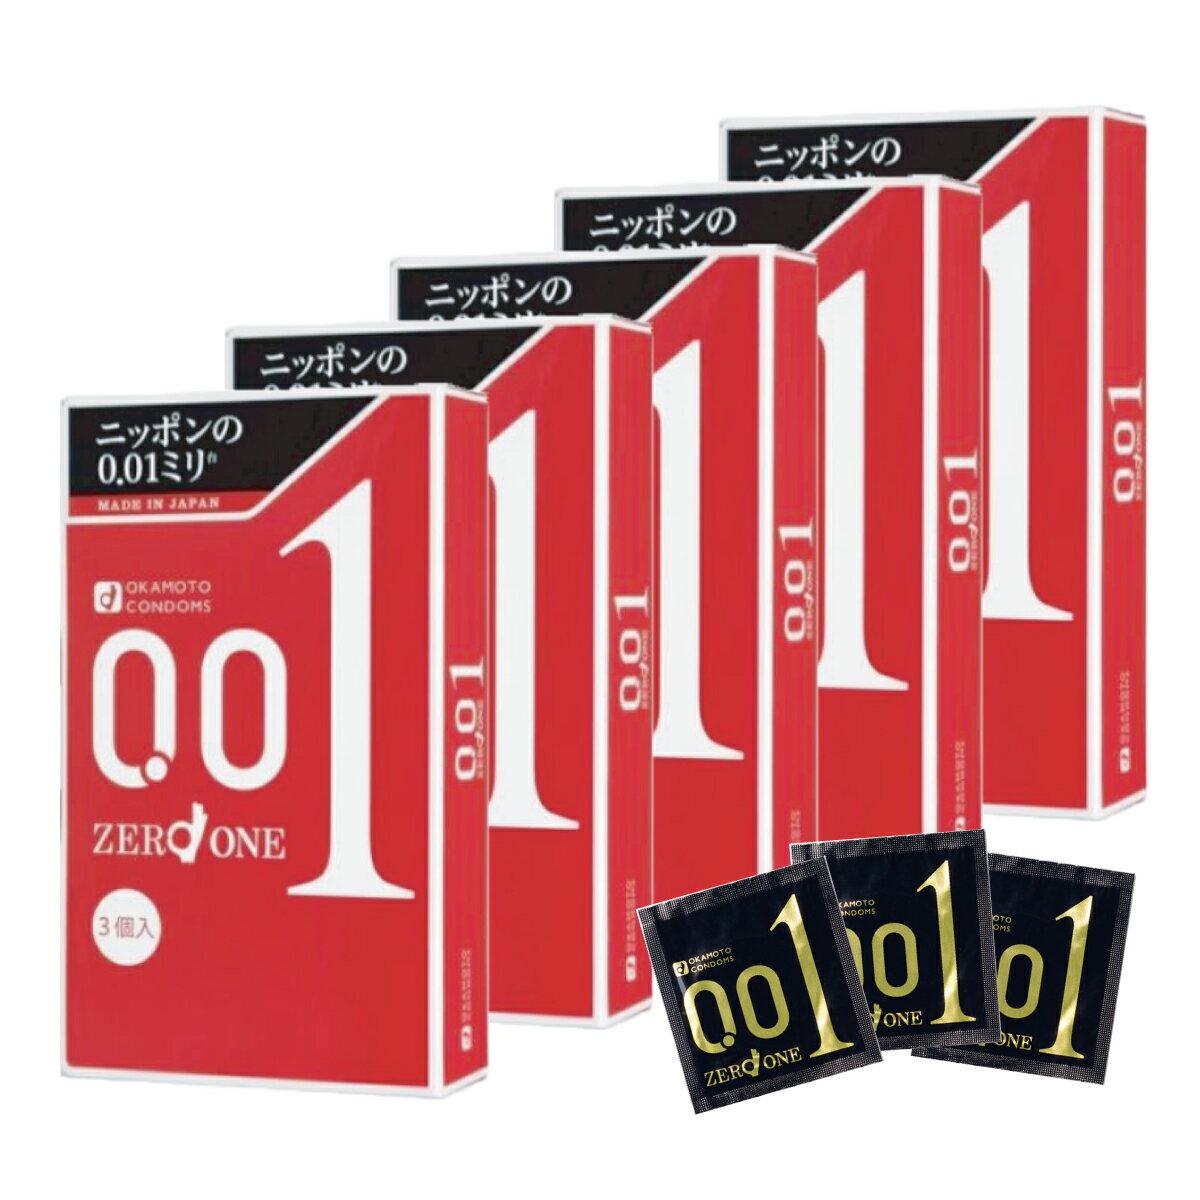 【クリックポストでお届けします】 コンドーム オカモト ゼロワン うすい ゴム 安全 避妊 0.01 3個入り 5箱セット 安全套 避孕套 套套 中身が見えない 何個でも送料無料